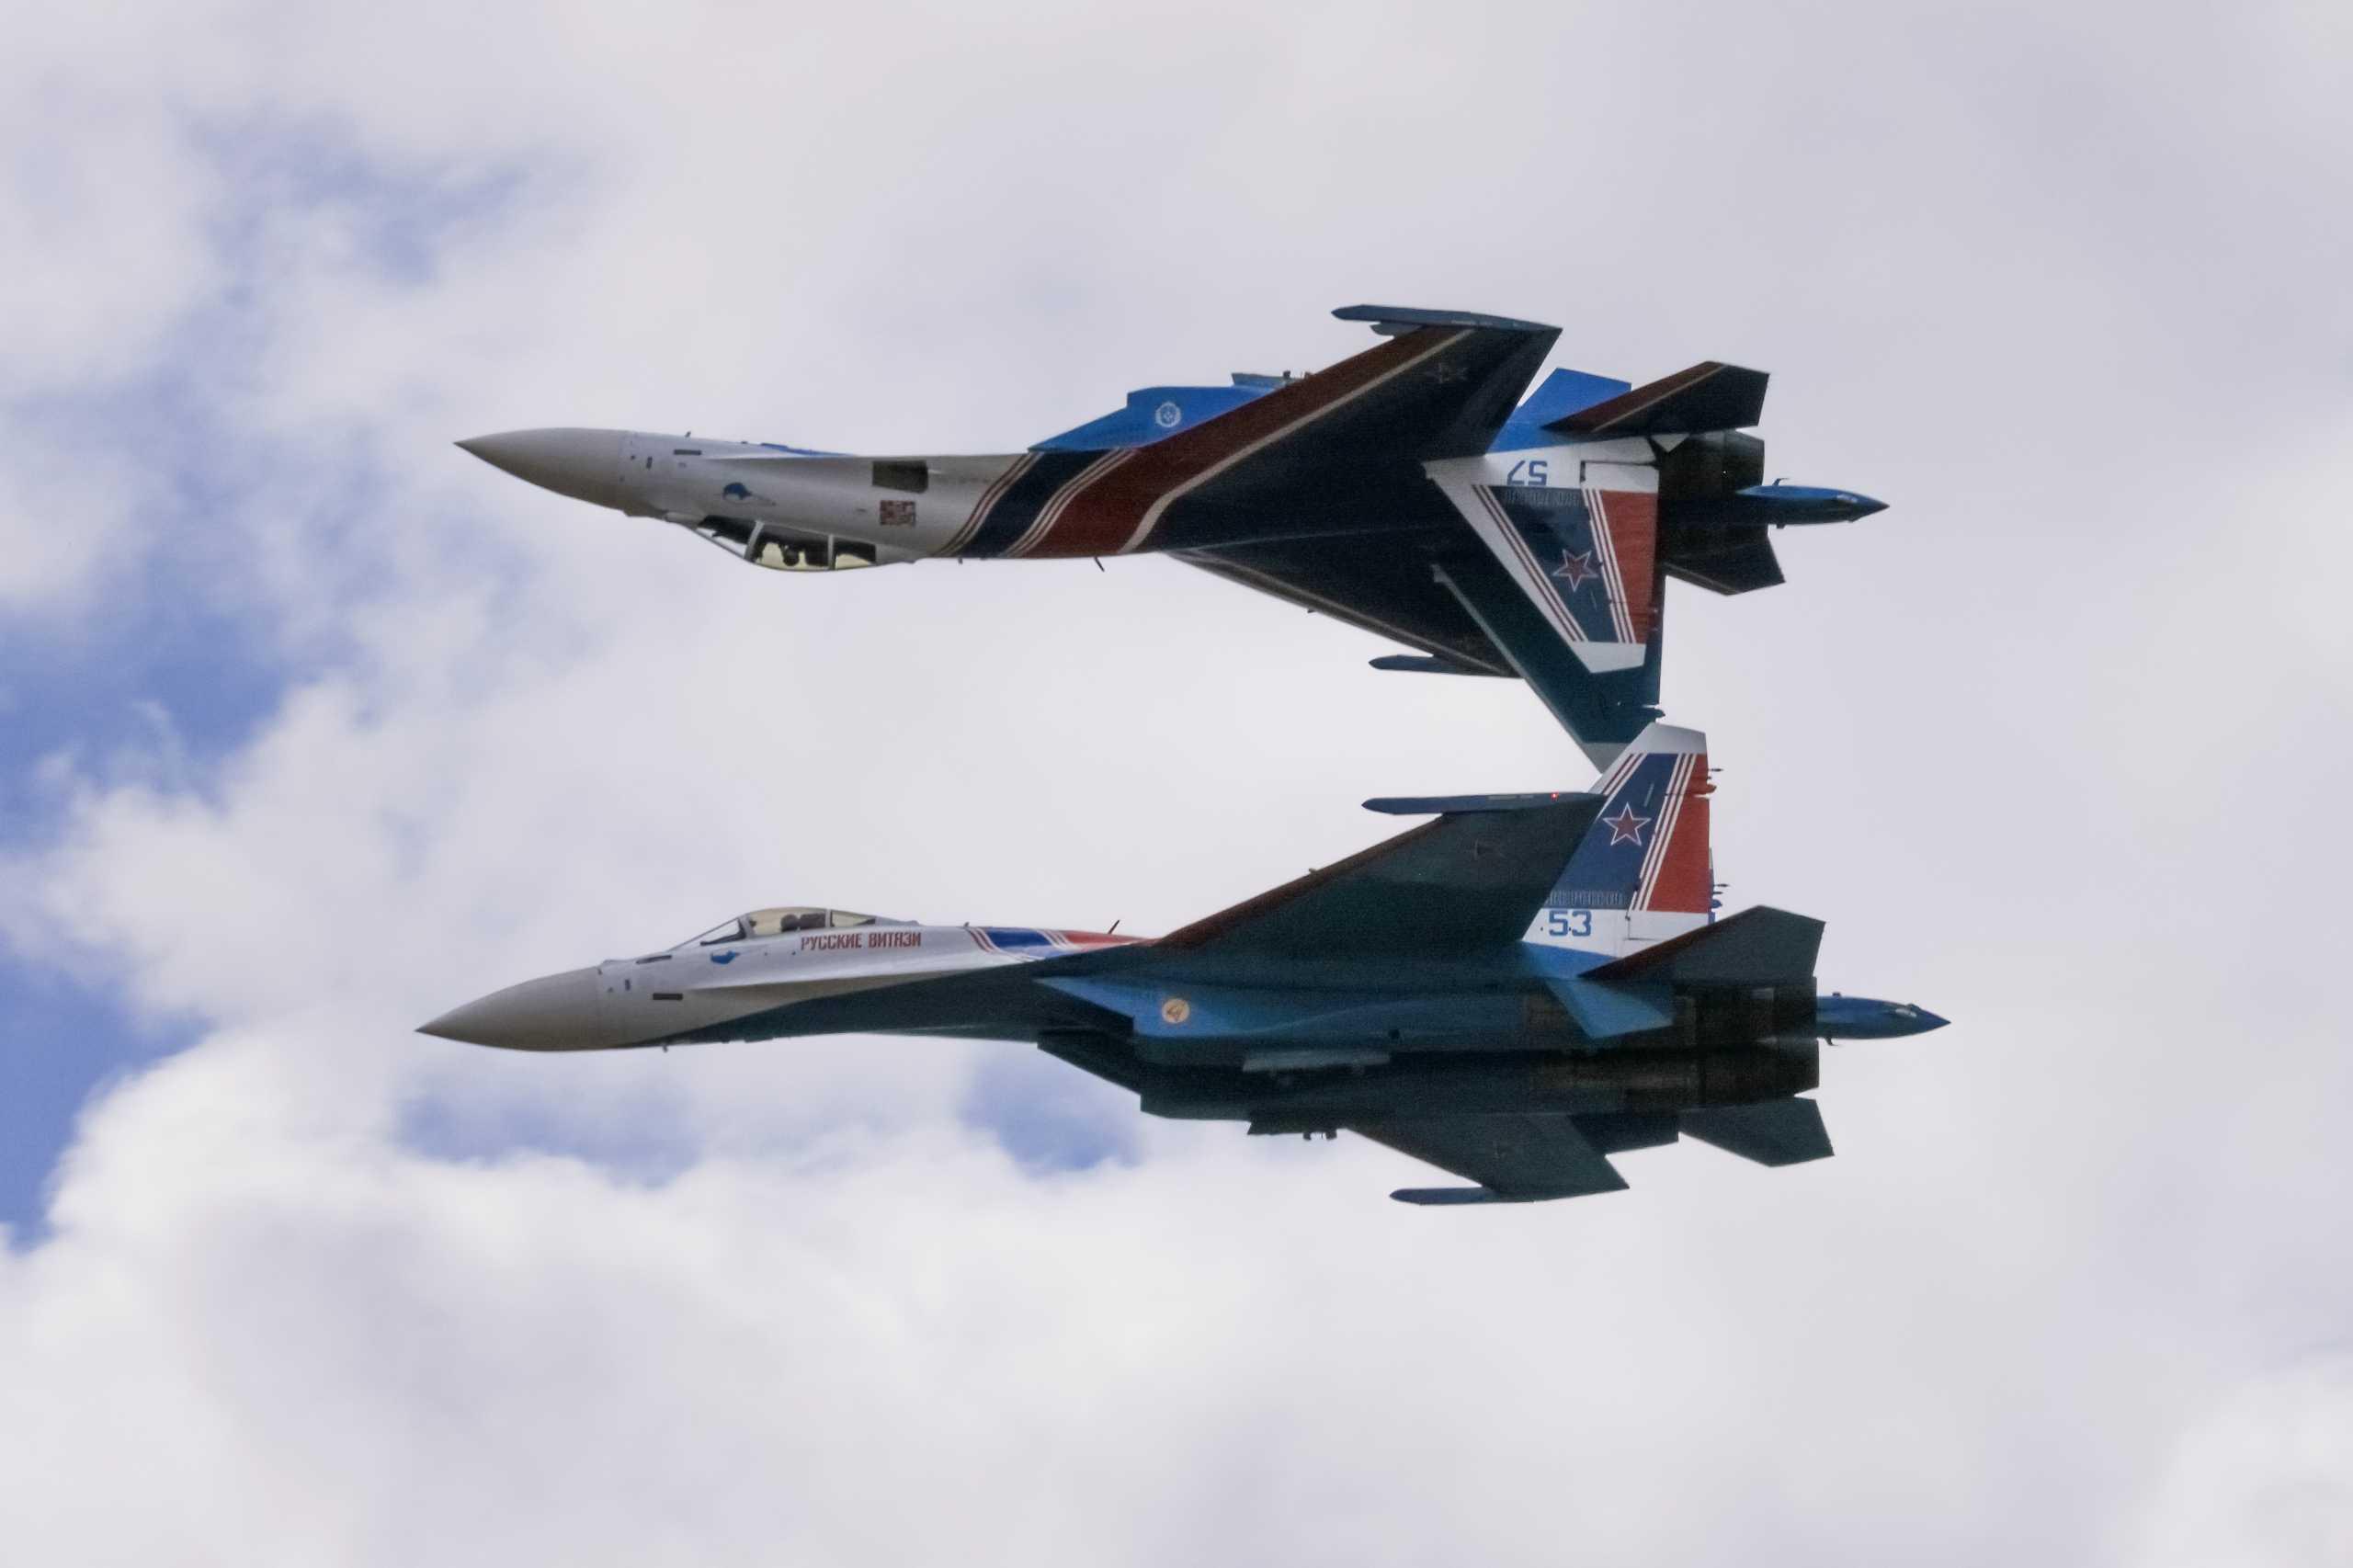 «Μαγευτική» MAKS-2021: Οι επίλεκτοι Ρώσοι πιλότοι έκλεψαν τις εντυπώσεις – Θεαματικά πλάνα